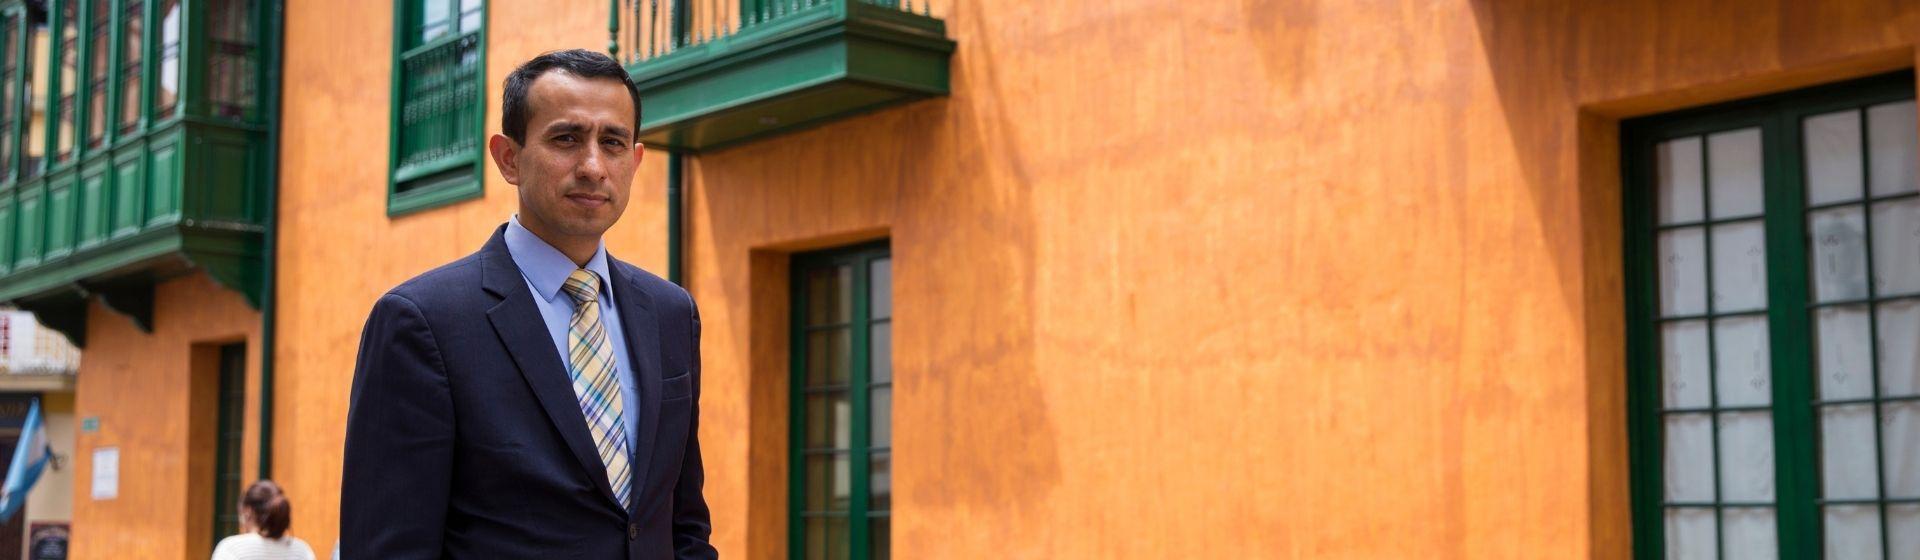 Juan Carlos Reyes, profesor asociado del Departamento de Ingeniería Civil y Ambiental de la Universidad de los Andes